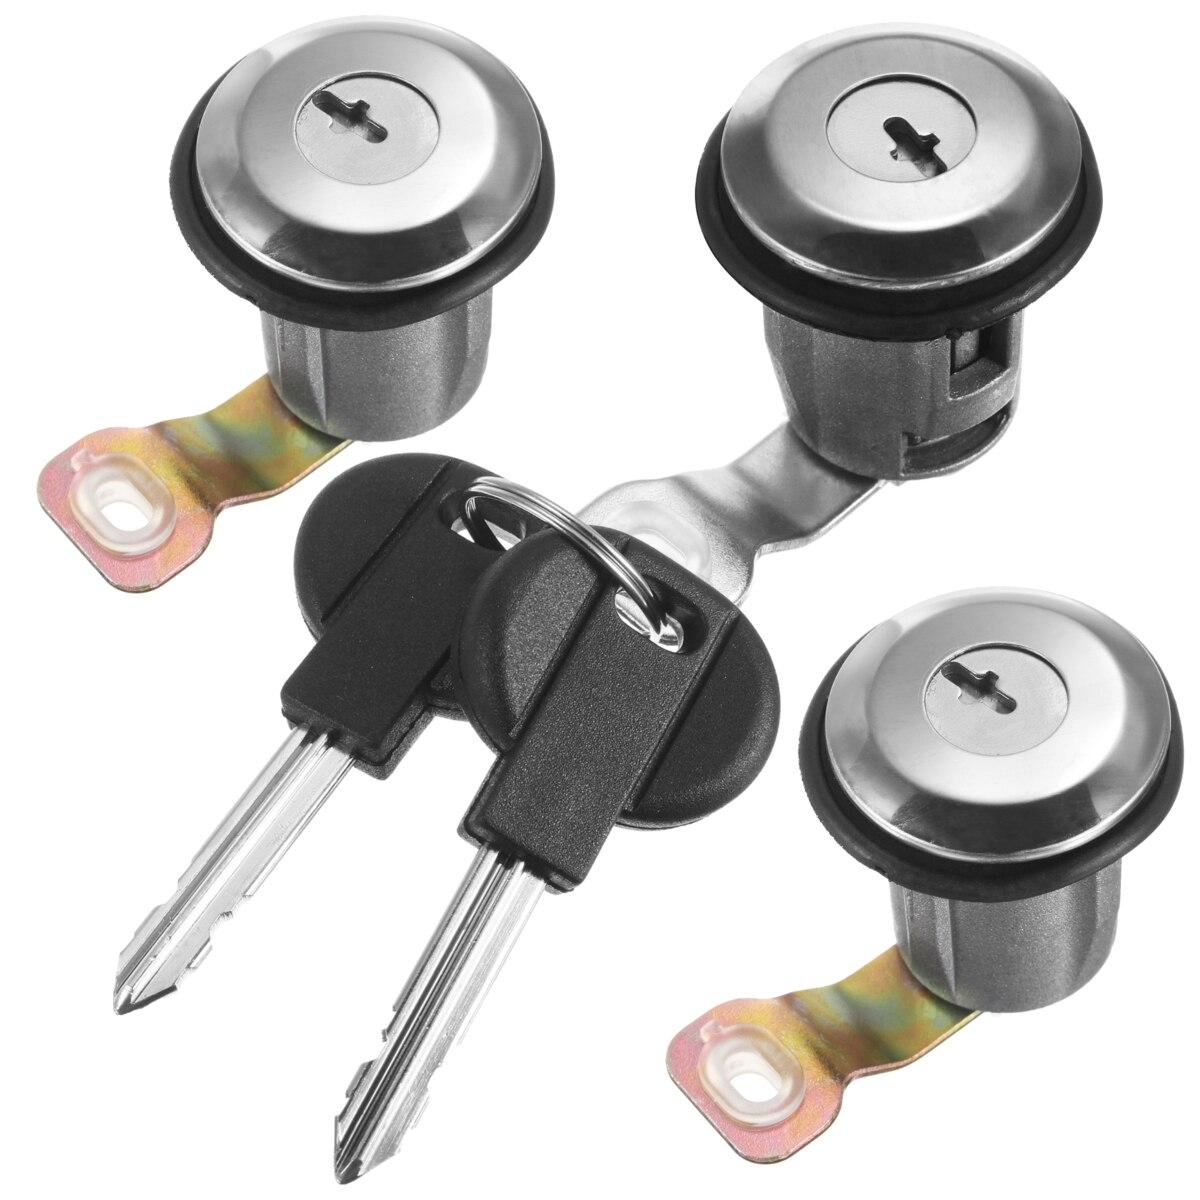 Durable and long lifetime Three Barrel Door Lock Cylinders Set with Two Keys For Peugeot Partner Citroen Berlingo Xsara